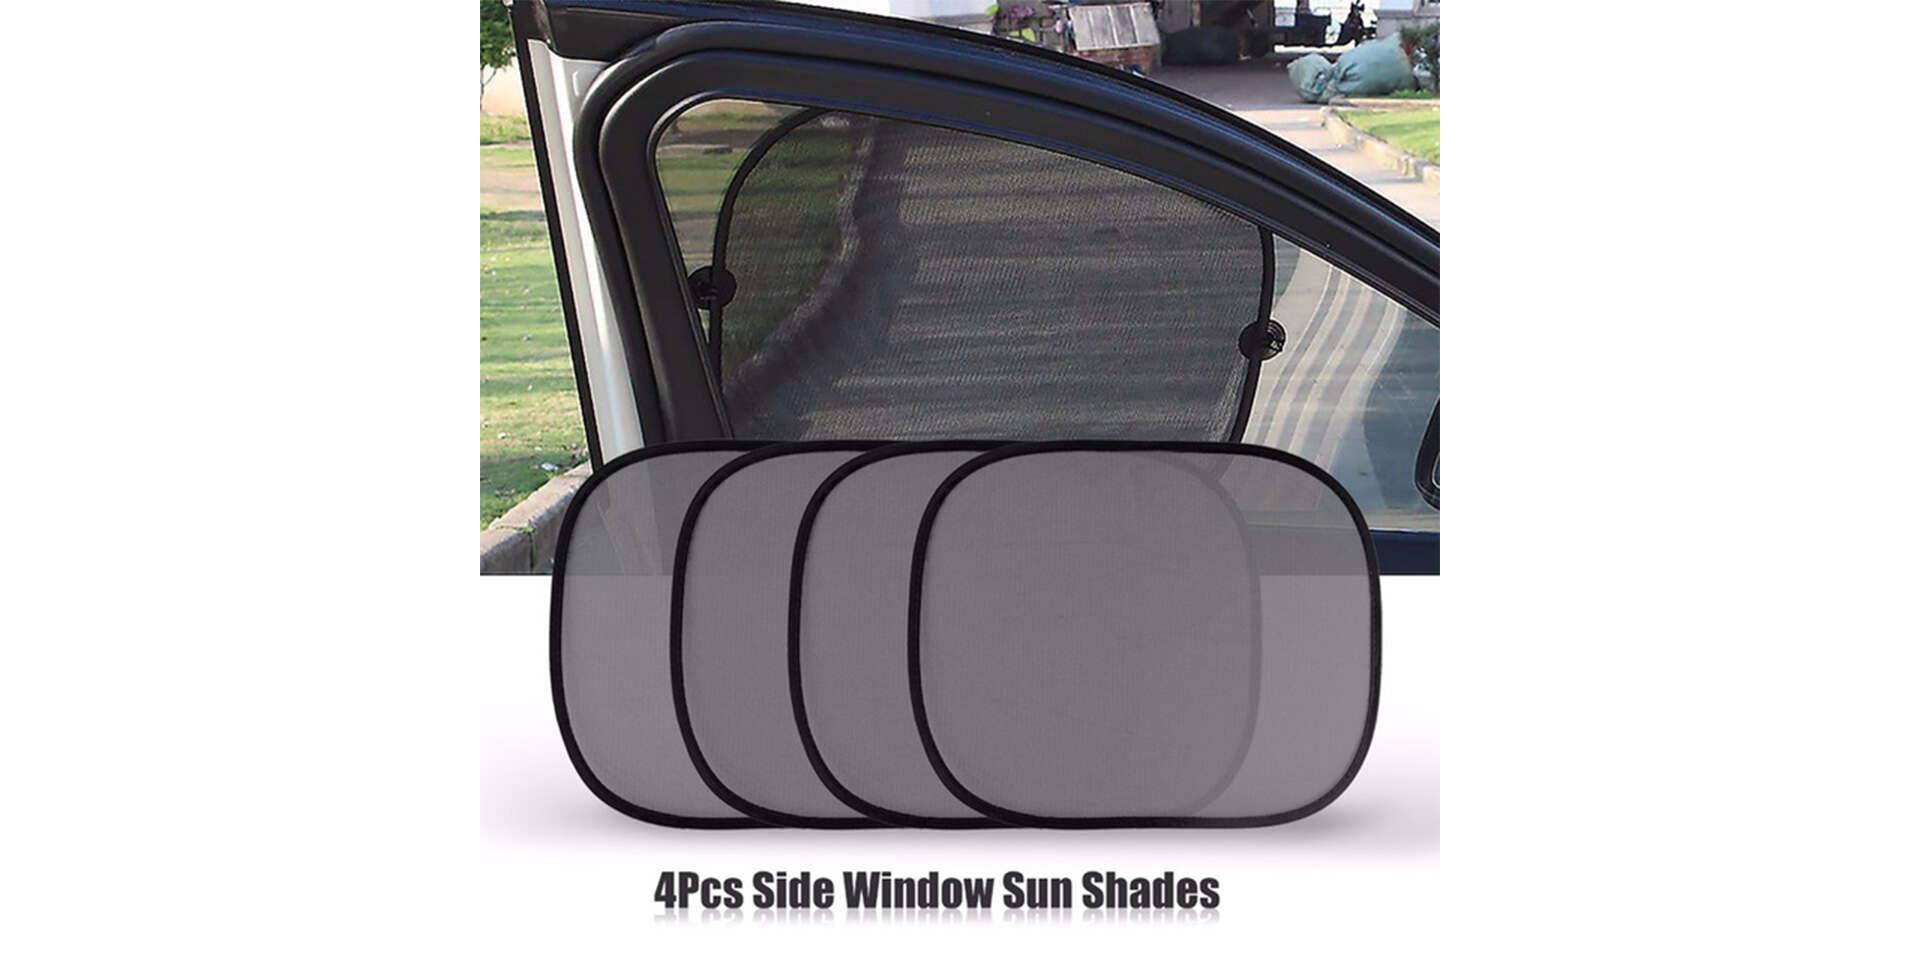 Sada 5 kusov slnečných clon do auta, chráni pred UV žiarením